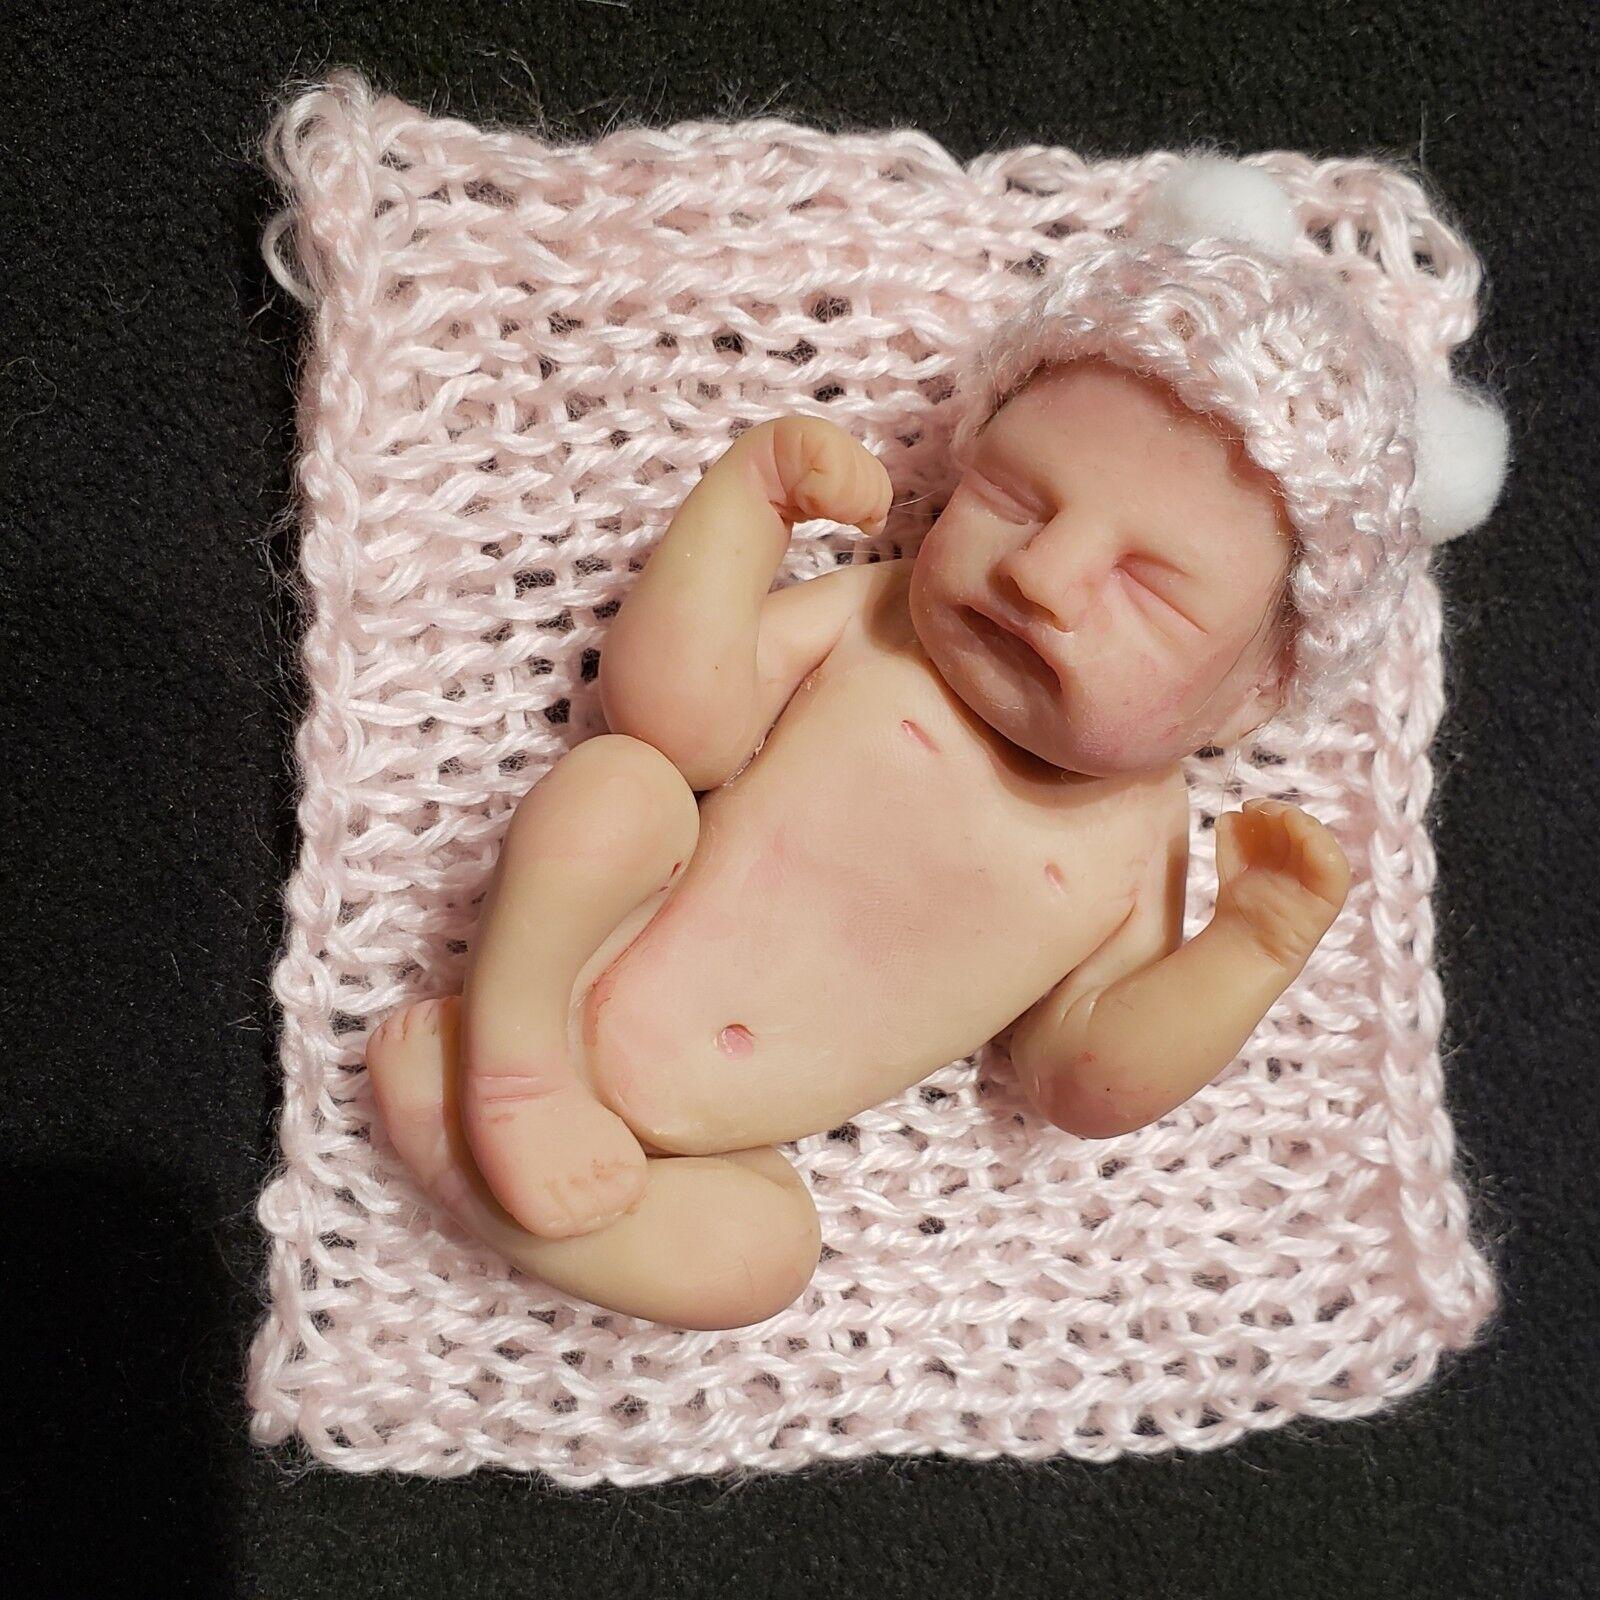 Miniatura de OOAK Escultura de Arcilla Polimérica Baby Girl  Presley  por Melissa McEleney